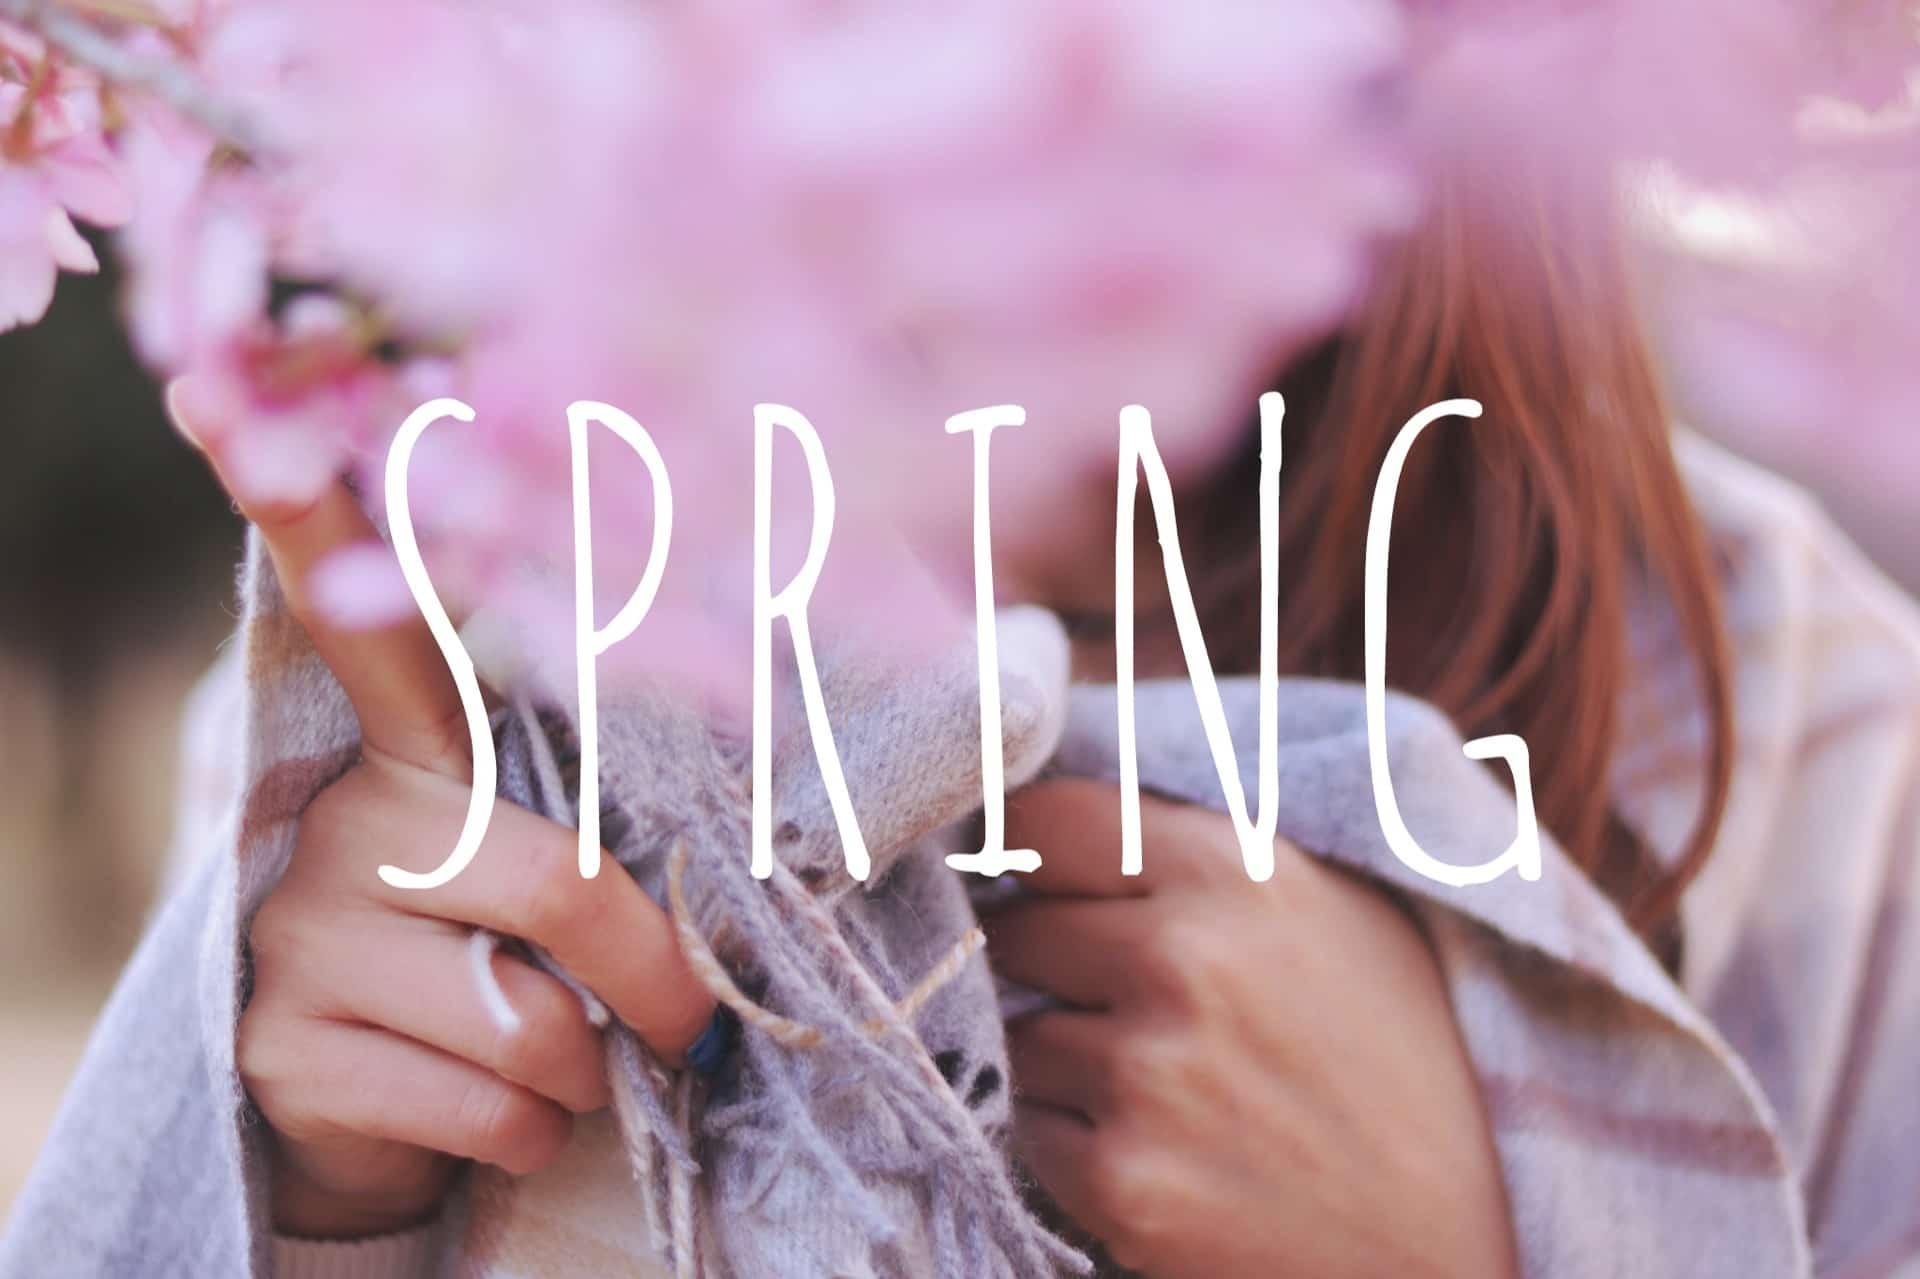 【2019年最新版】春うた厳選26曲。聴いていて思わずルンルン気分になる歌を集めました